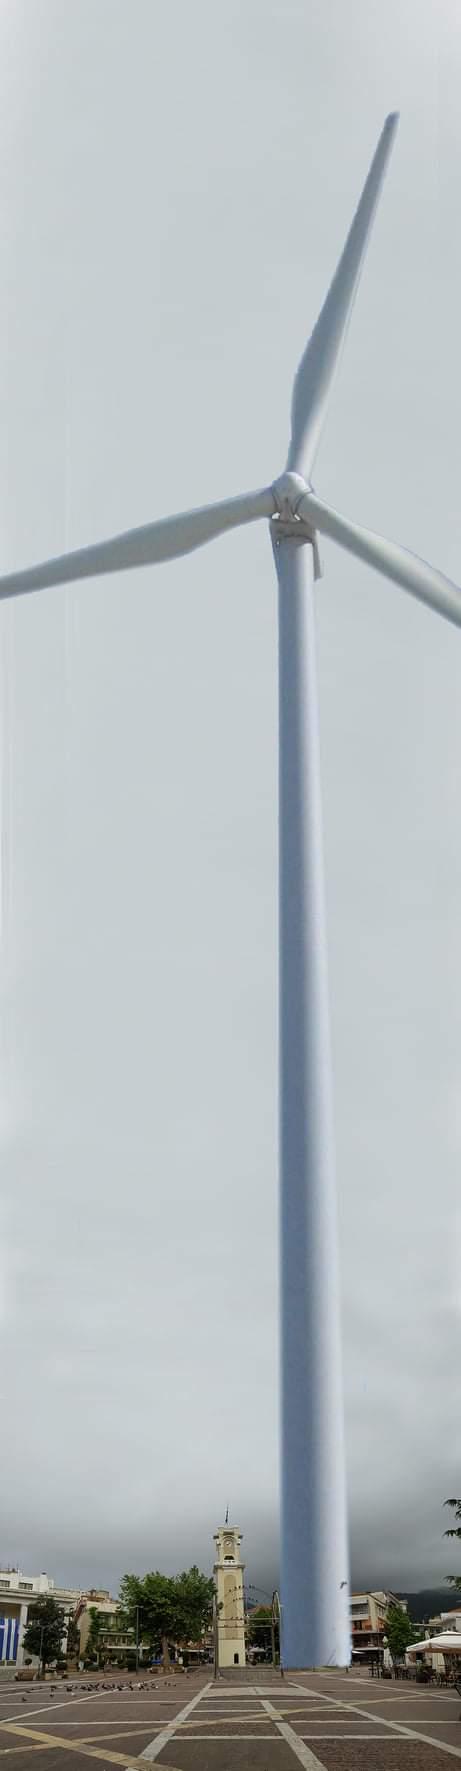 Ανεμογεννήτριες μαμούθ στον Λειβαδίτη - 17 φορείς αντιδρούν